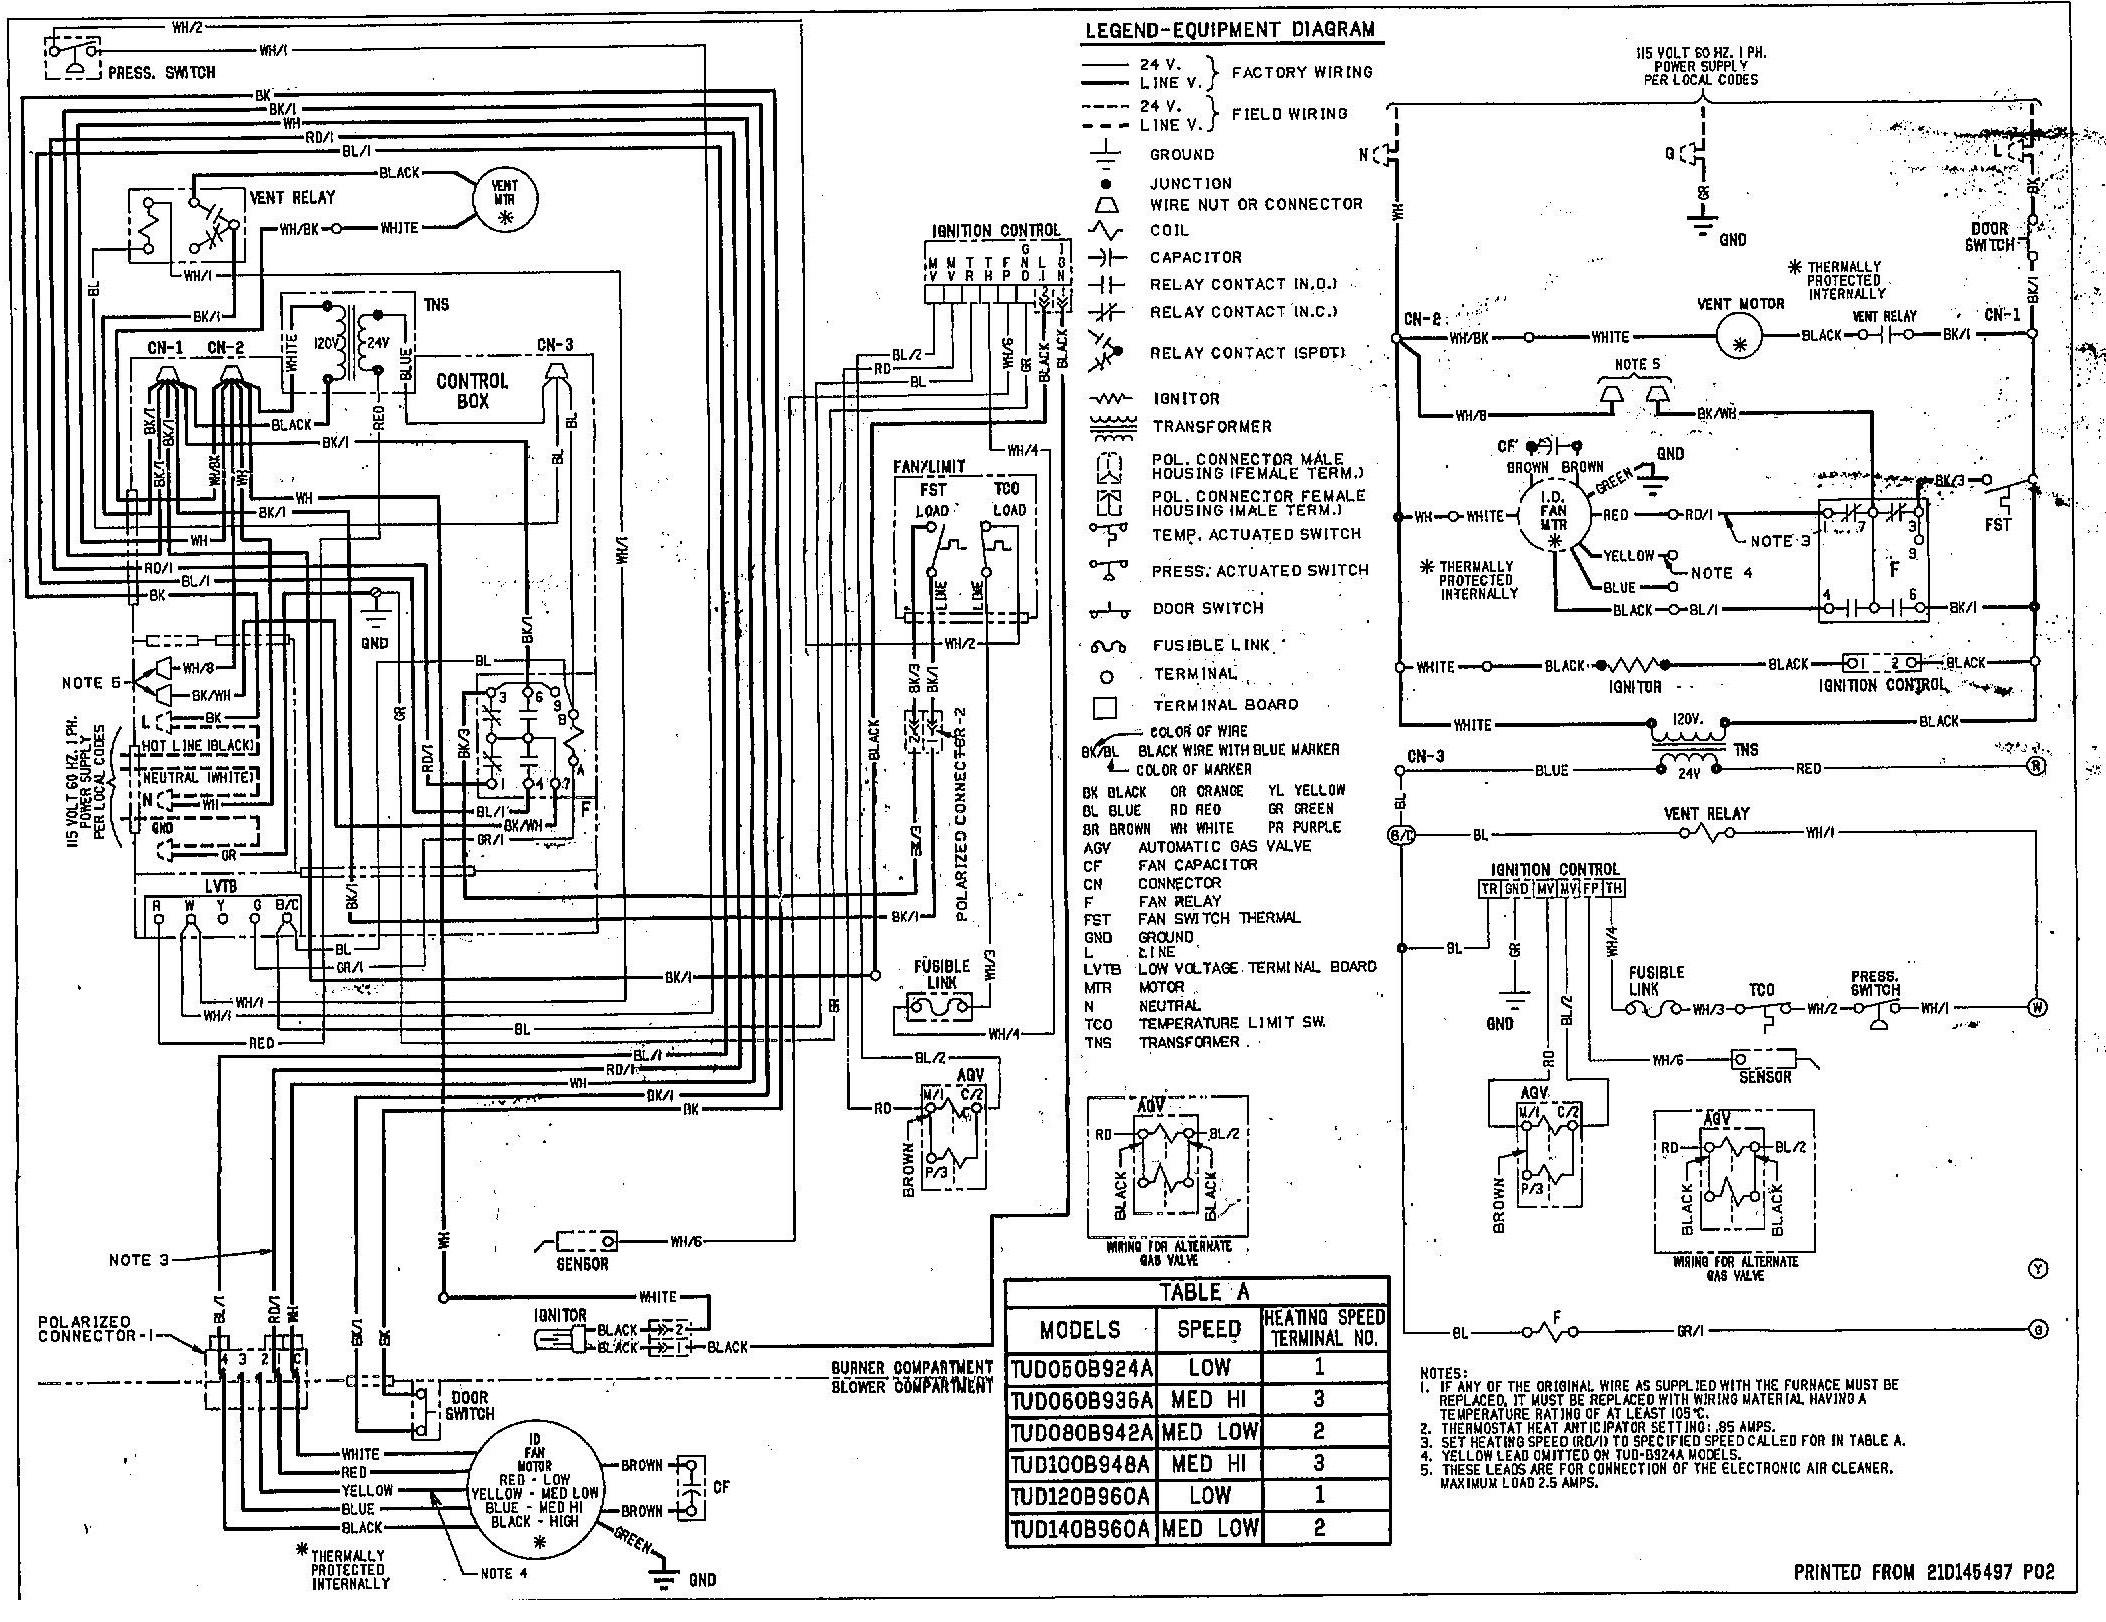 45 Electric Furnace Wiring Diagram, Dayton Gas Furnace Wiring - Goodman Electric Furnace Wiring Diagram